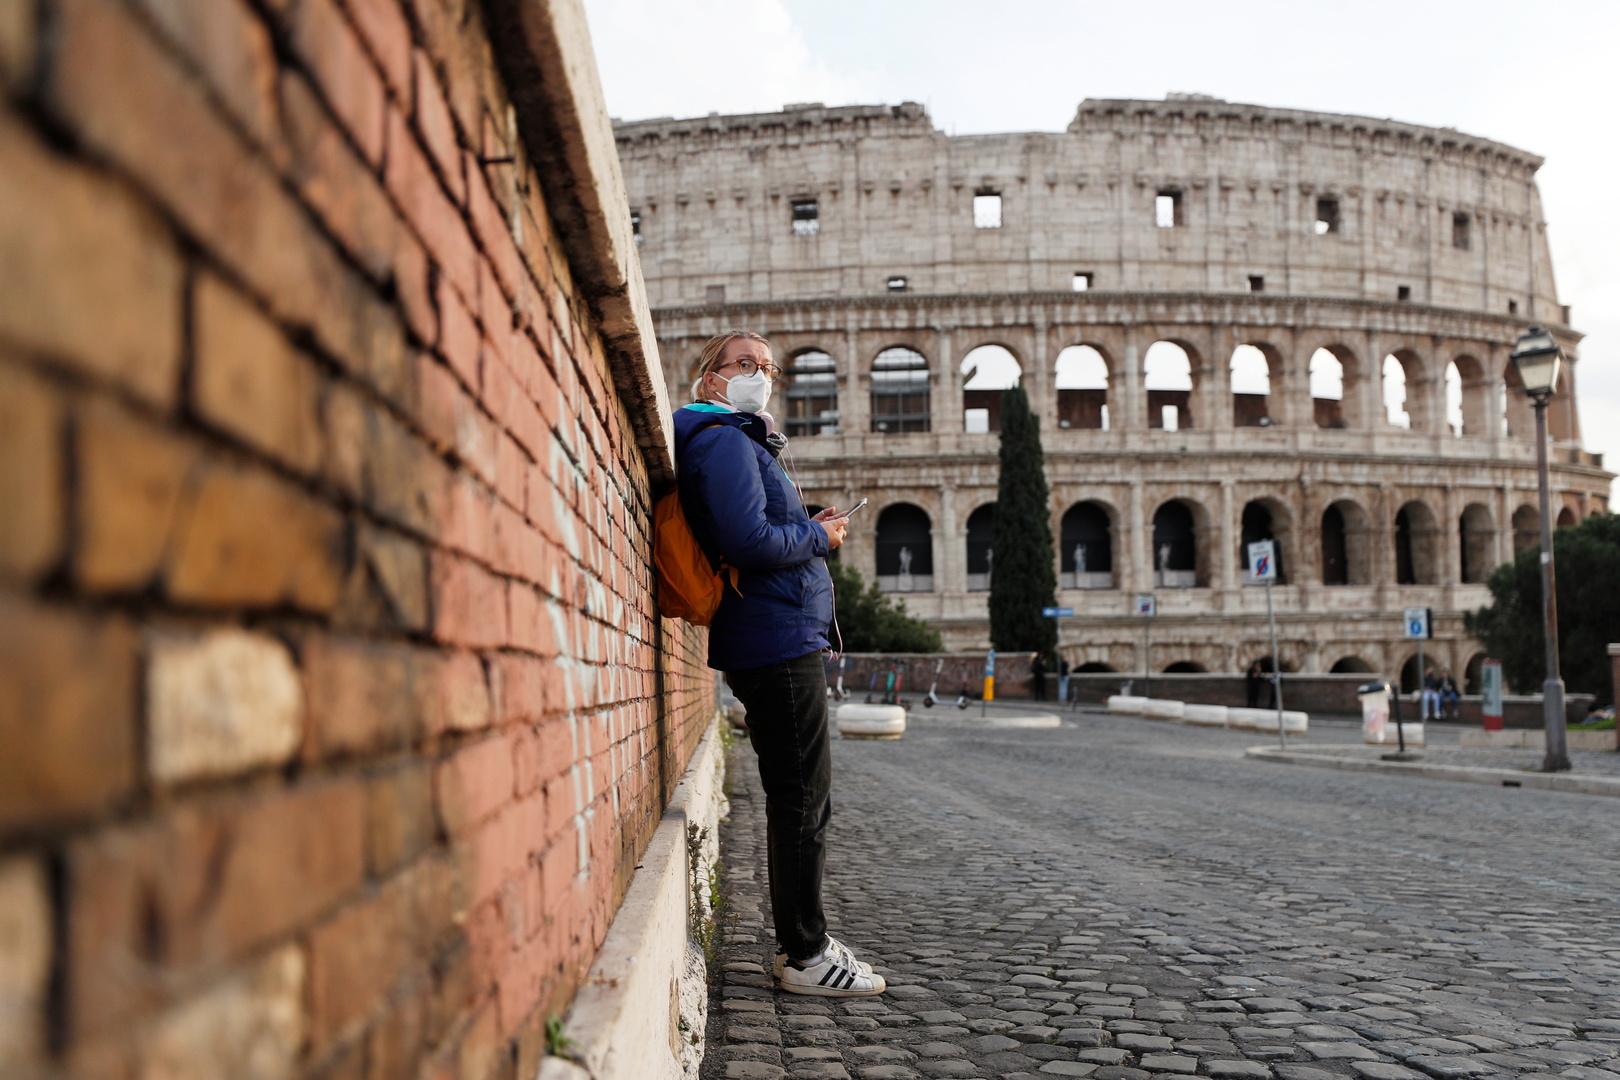 إيطاليا تسجل أكثر من 500 وفاة و37 ألف إصابة بكورونا خلال 24 ساعة